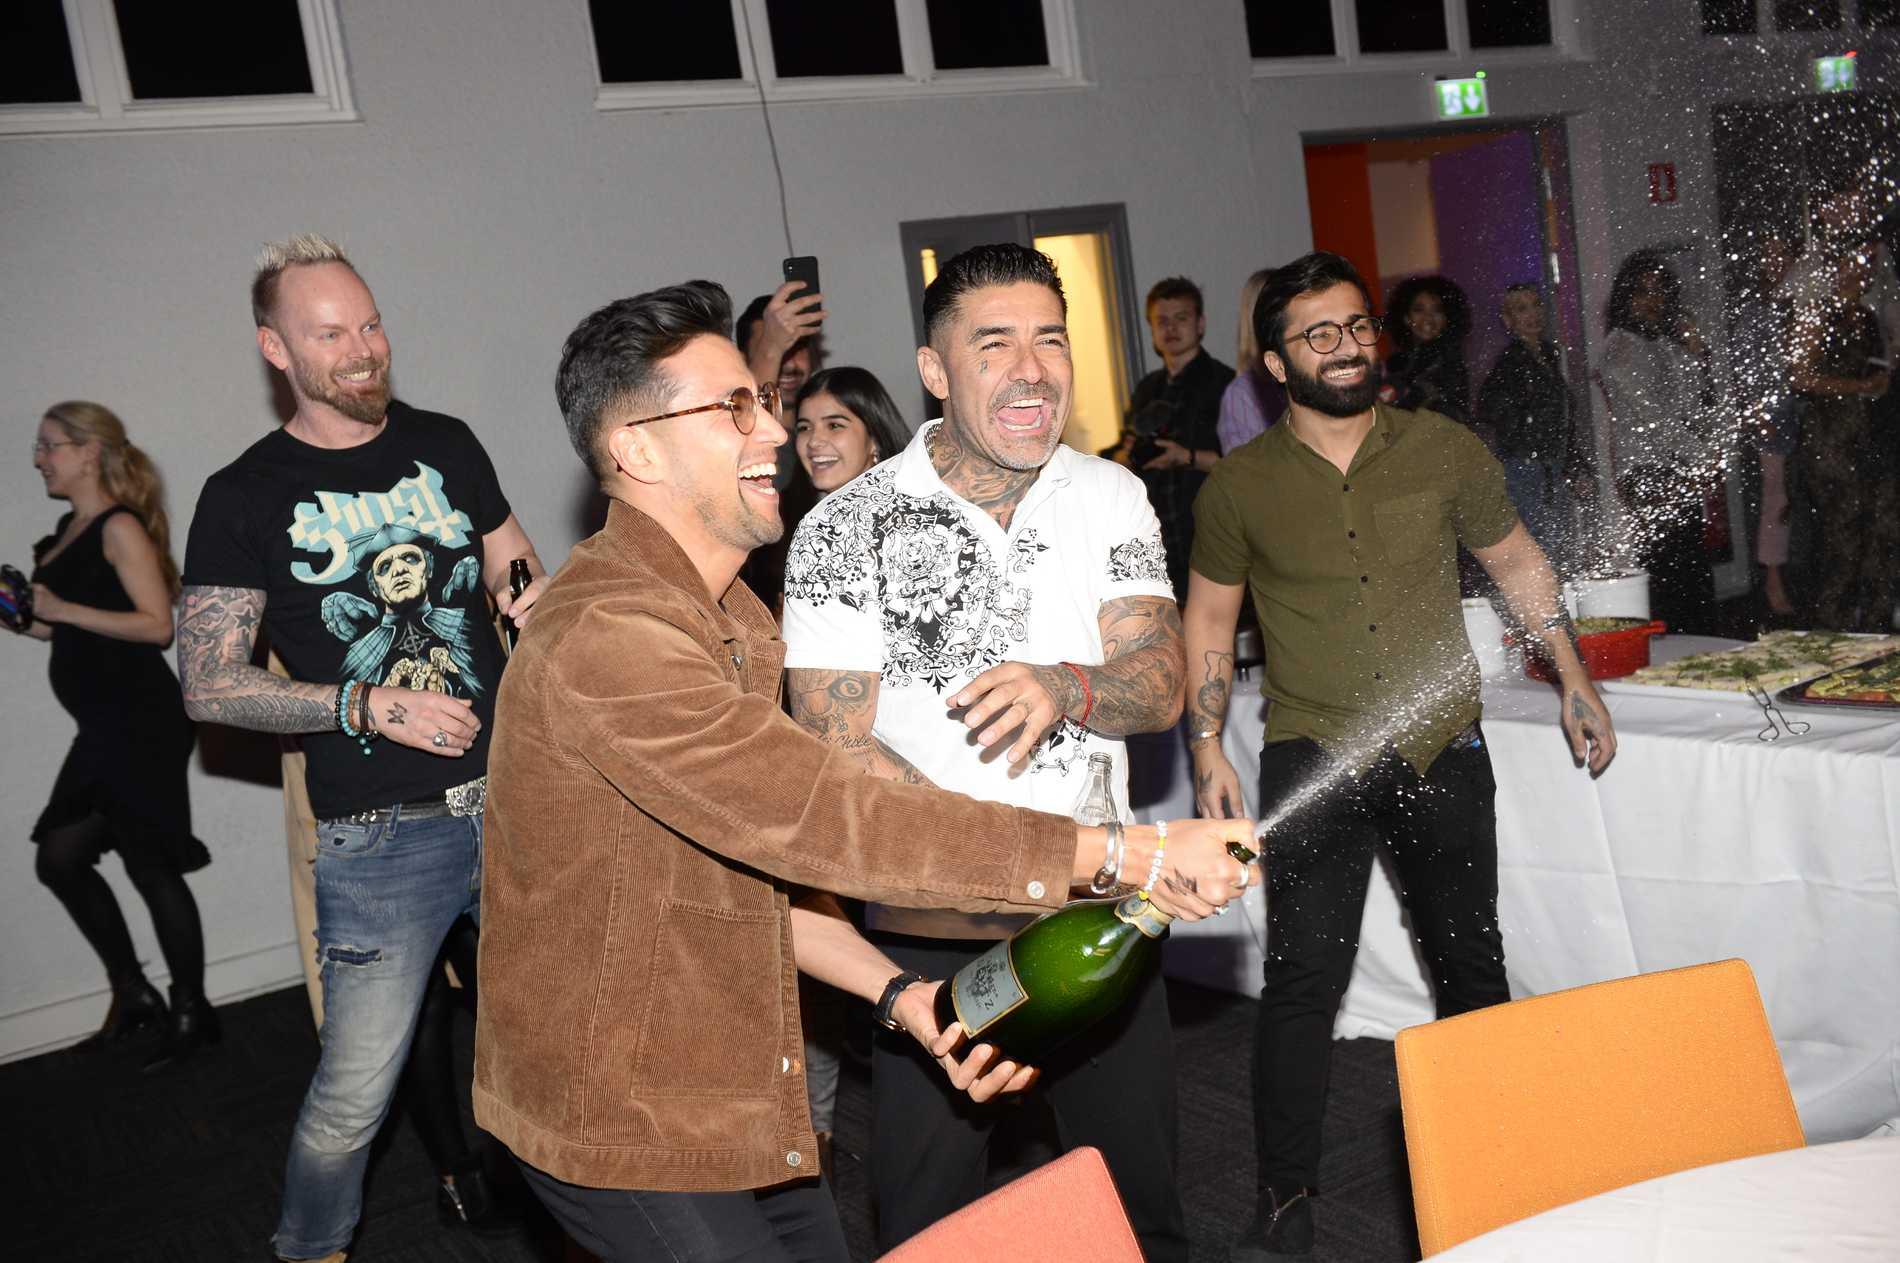 Mendez och Alvaro vann kvällens tightaste duell, vilket de såg till att fira.